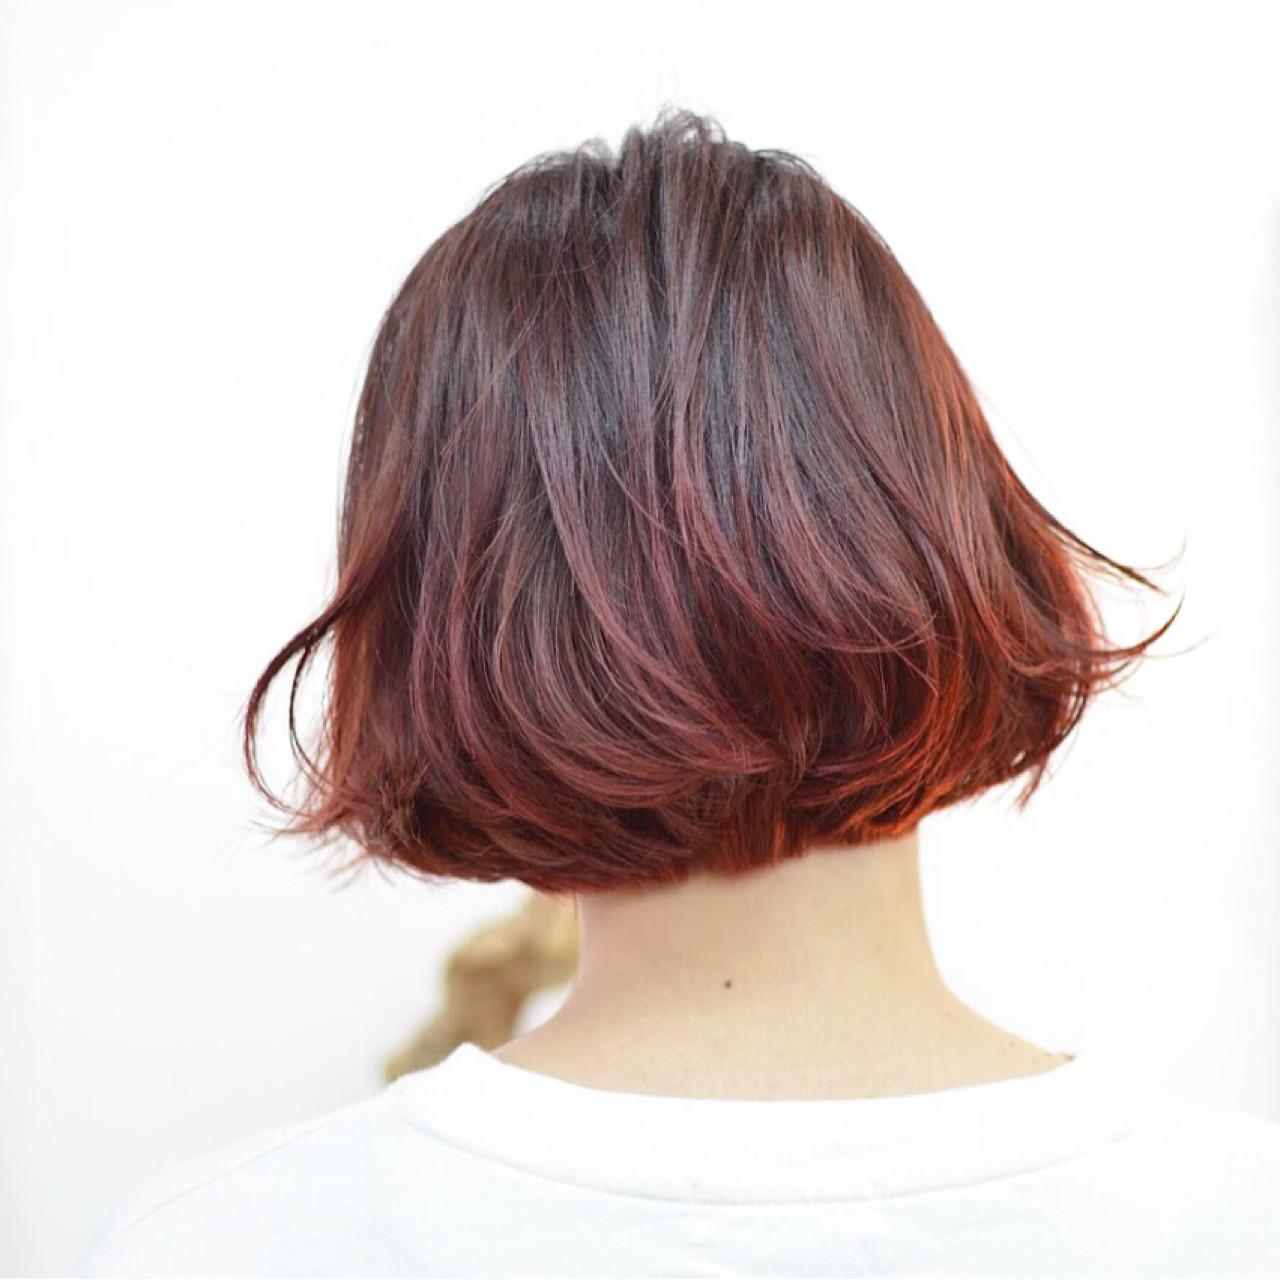 リラックス モード ピンク ボブヘアスタイルや髪型の写真・画像